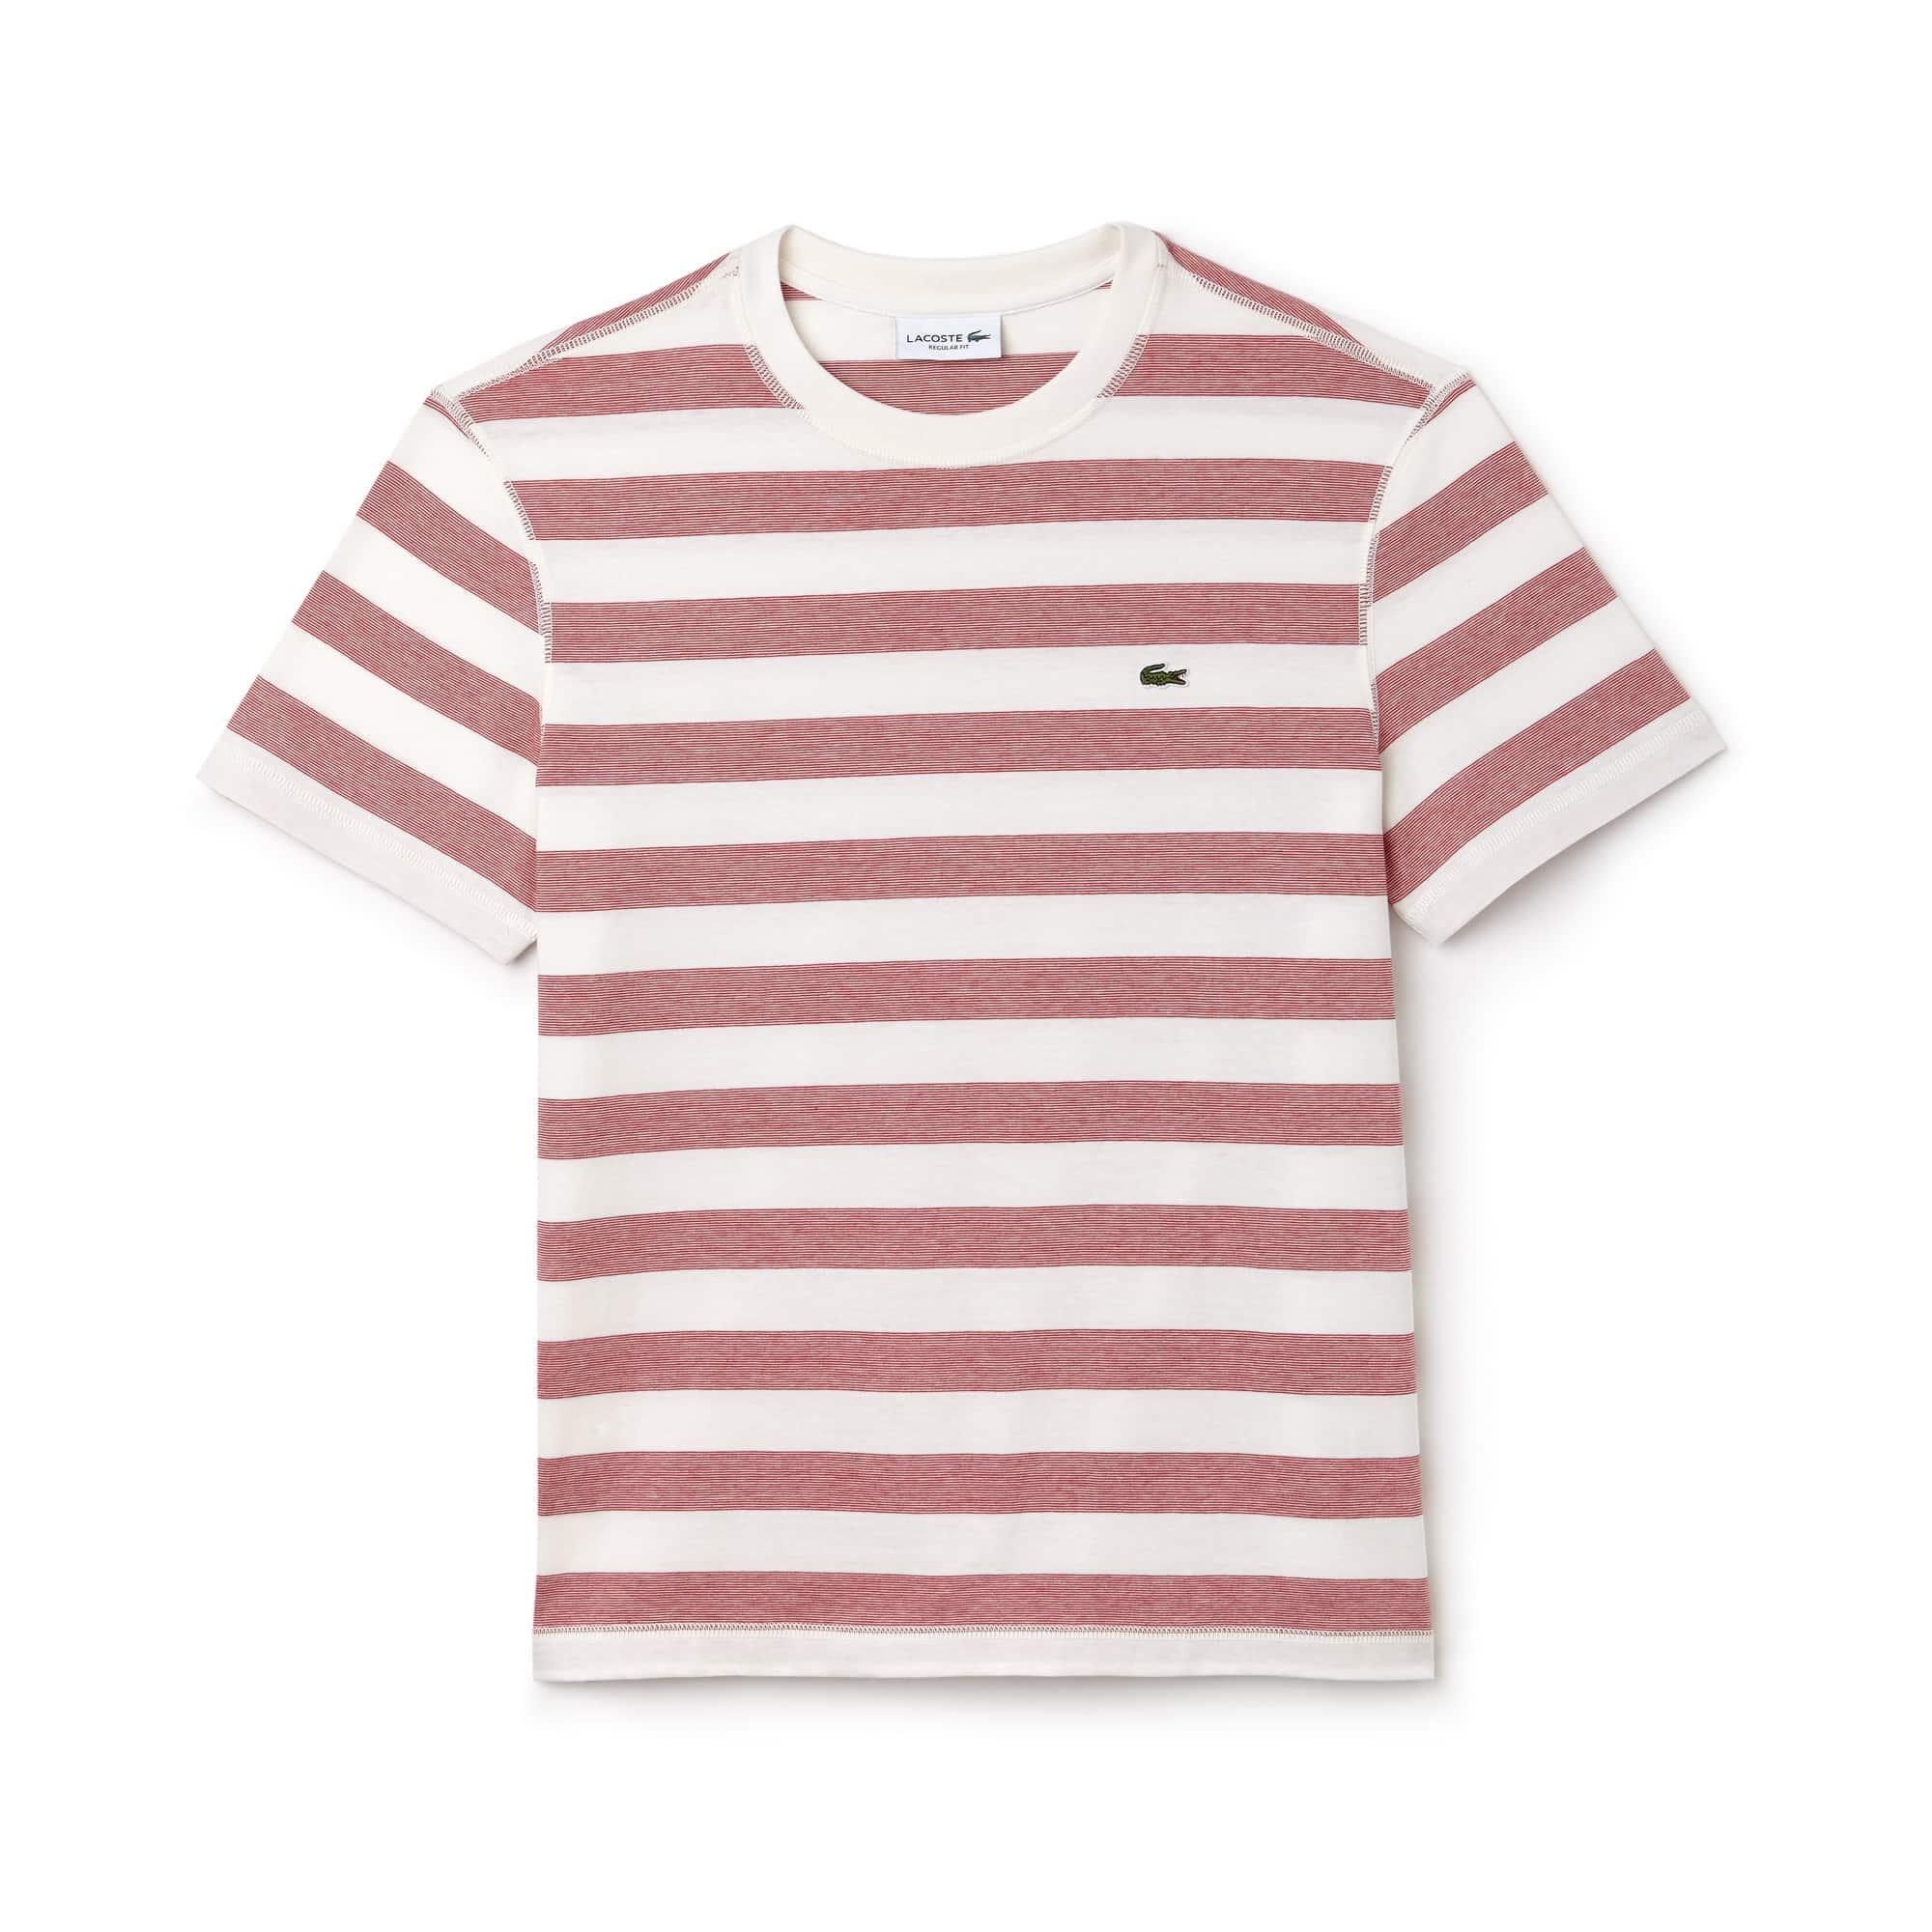 T-shirt decote redondo em jersey de algodão às riscas